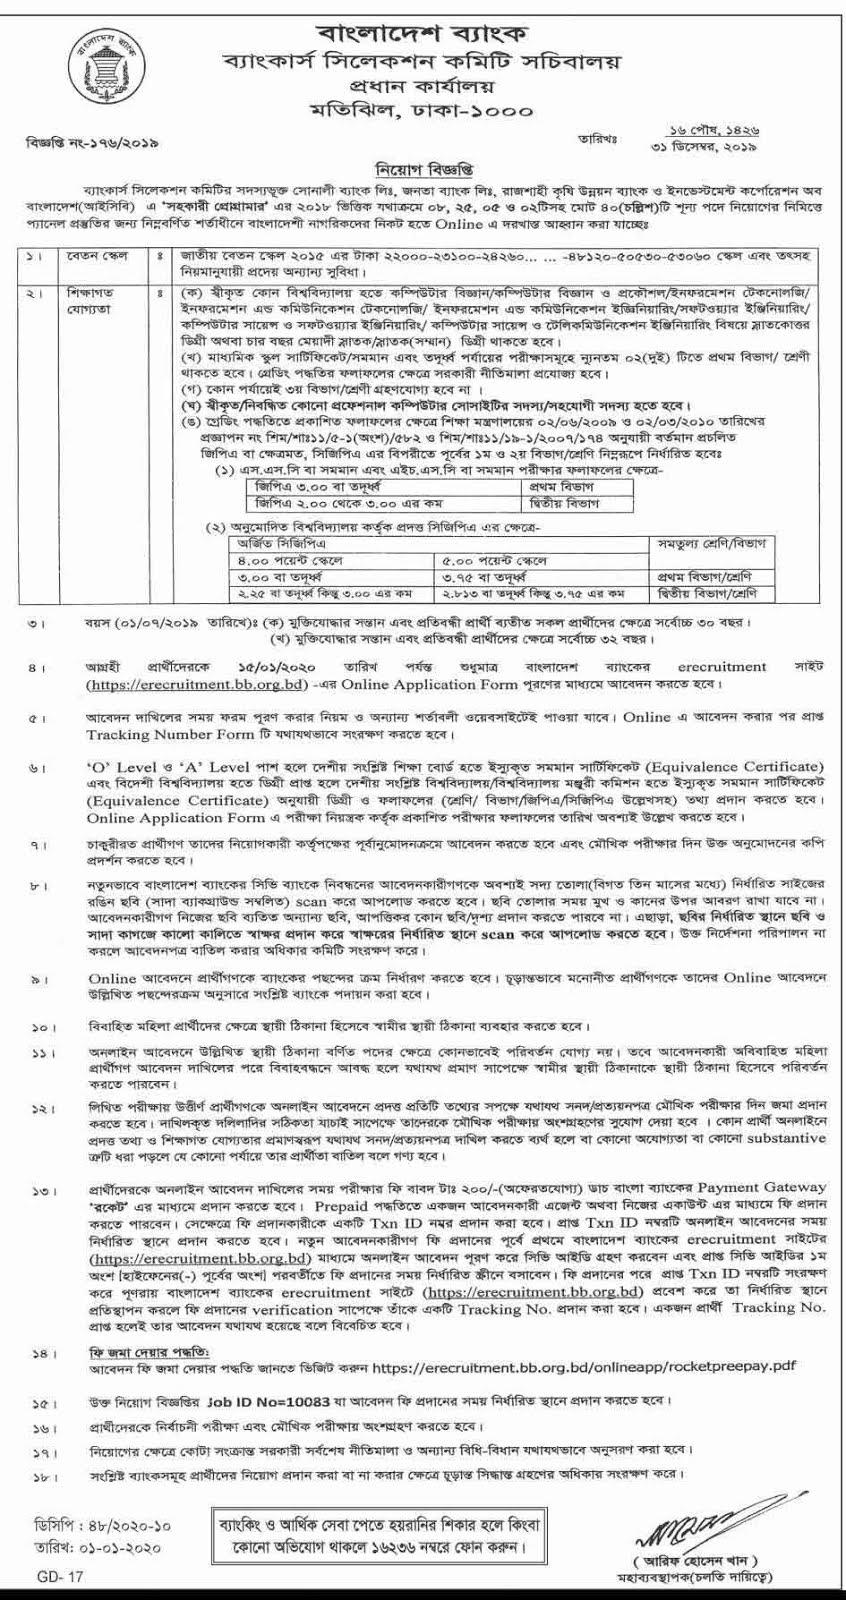 সরকারি ব্যাংকে নিয়োগ বিজ্ঞপ্তি ২০২০ - Government Bank job circular 2020